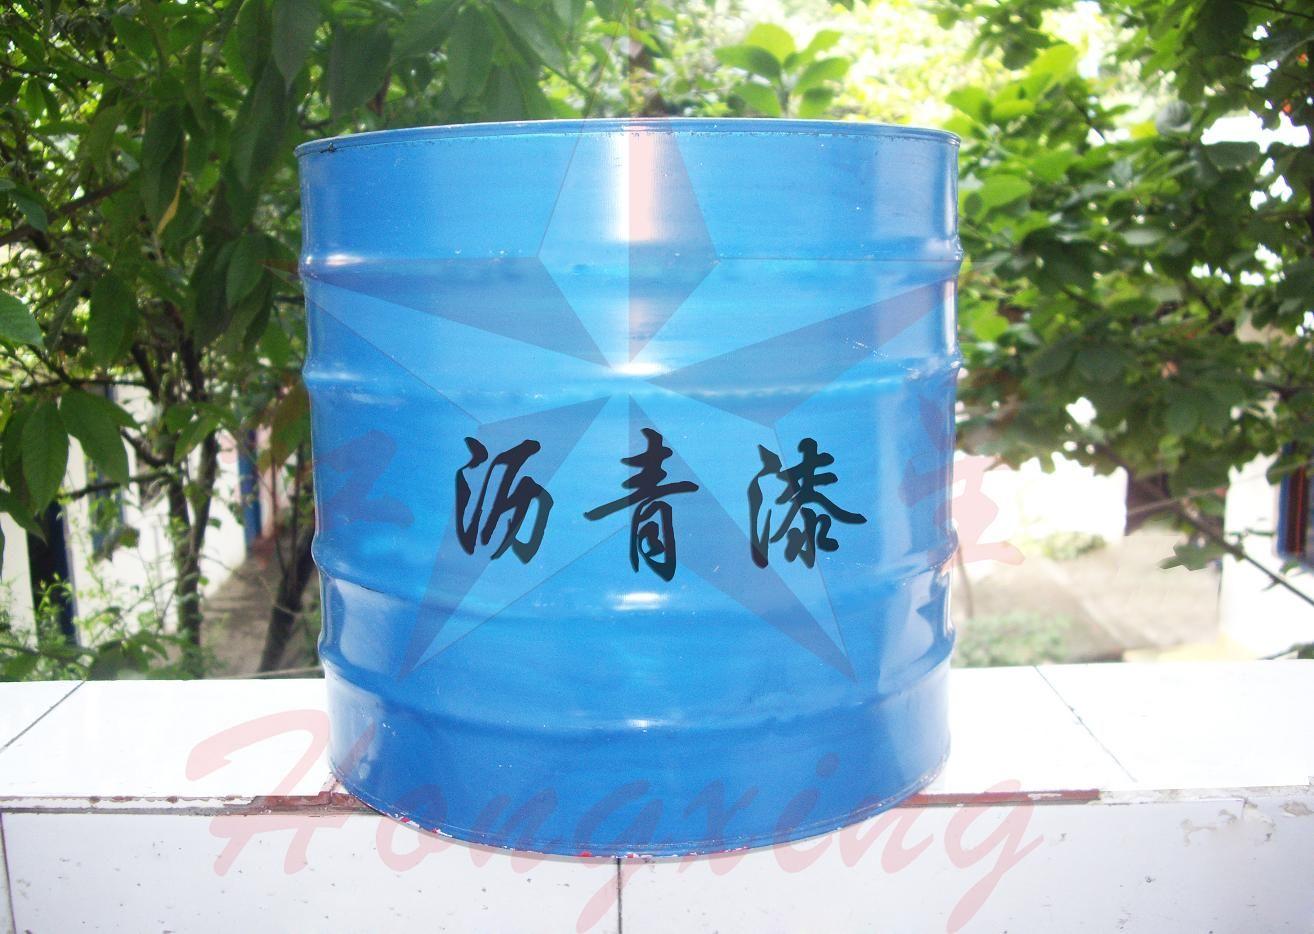 贵州地区专业沥青漆厂家